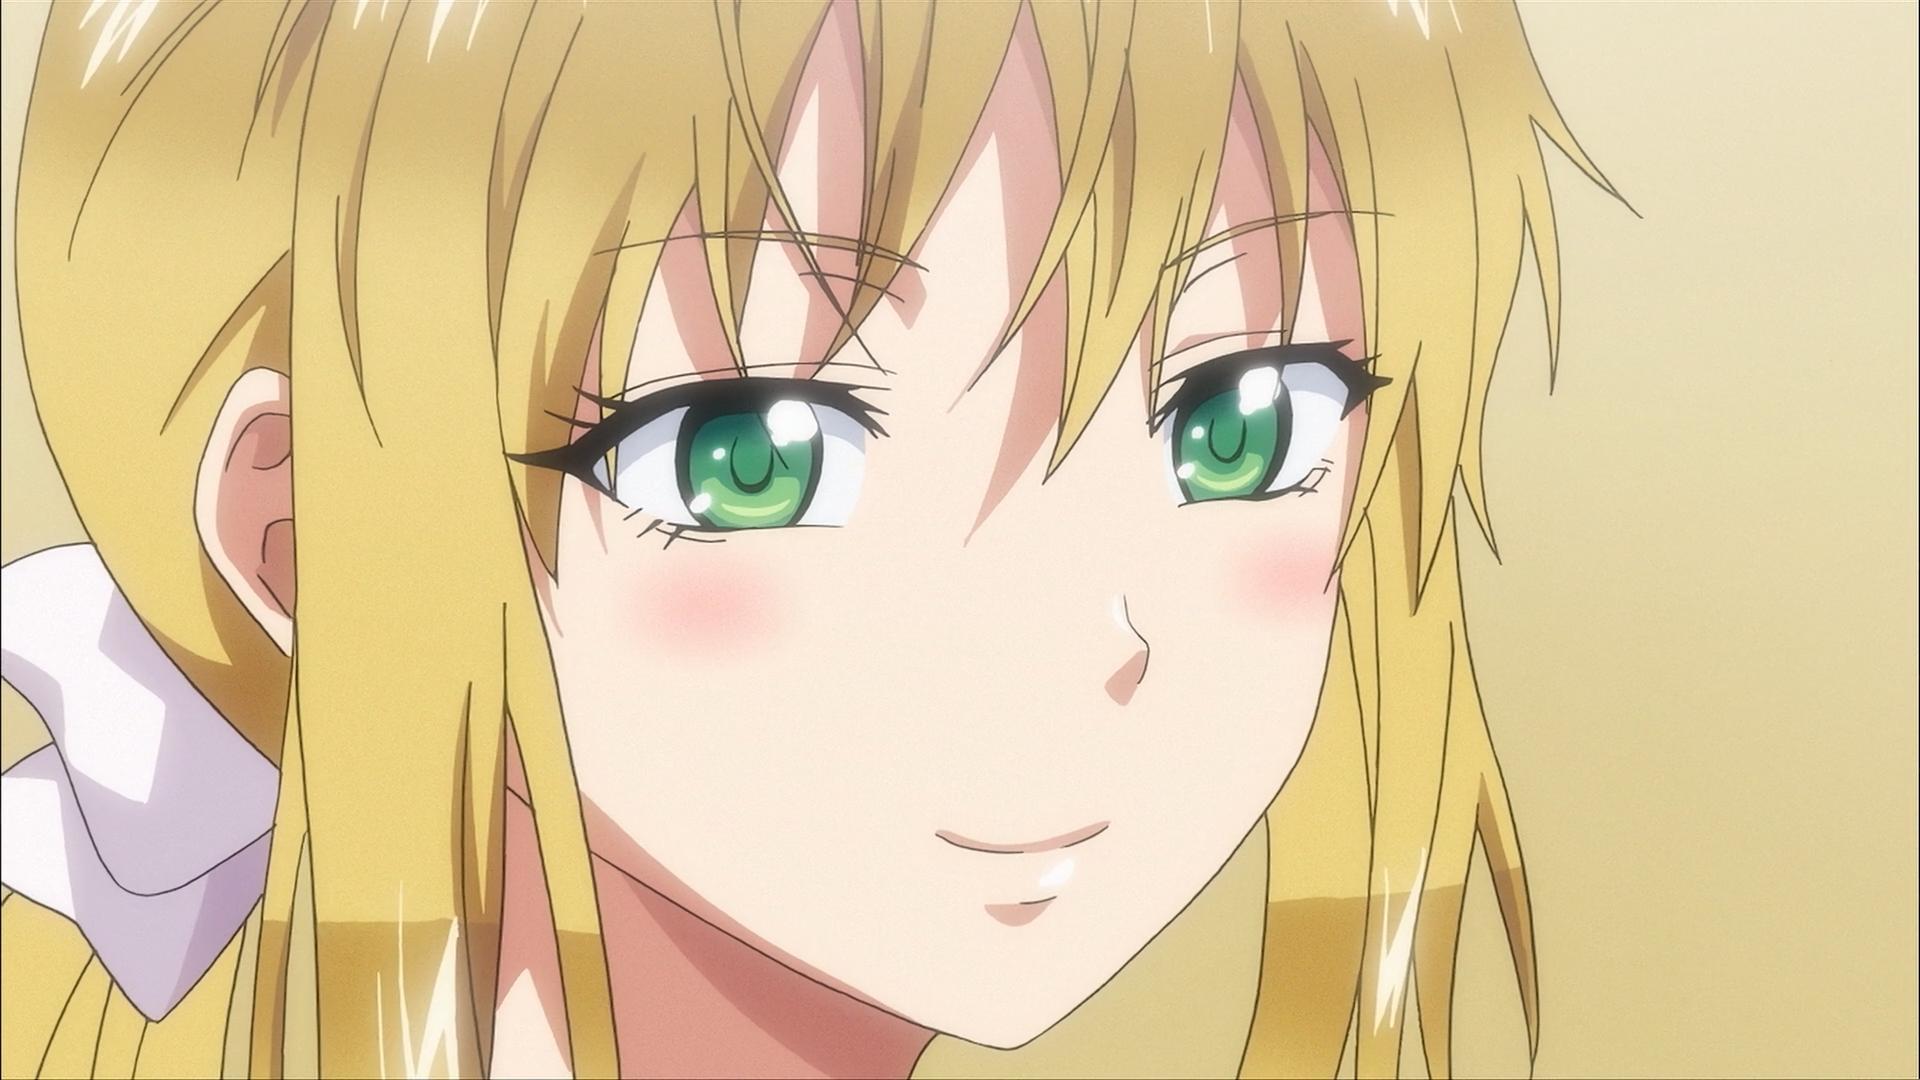 Green eyes: ane kyun!